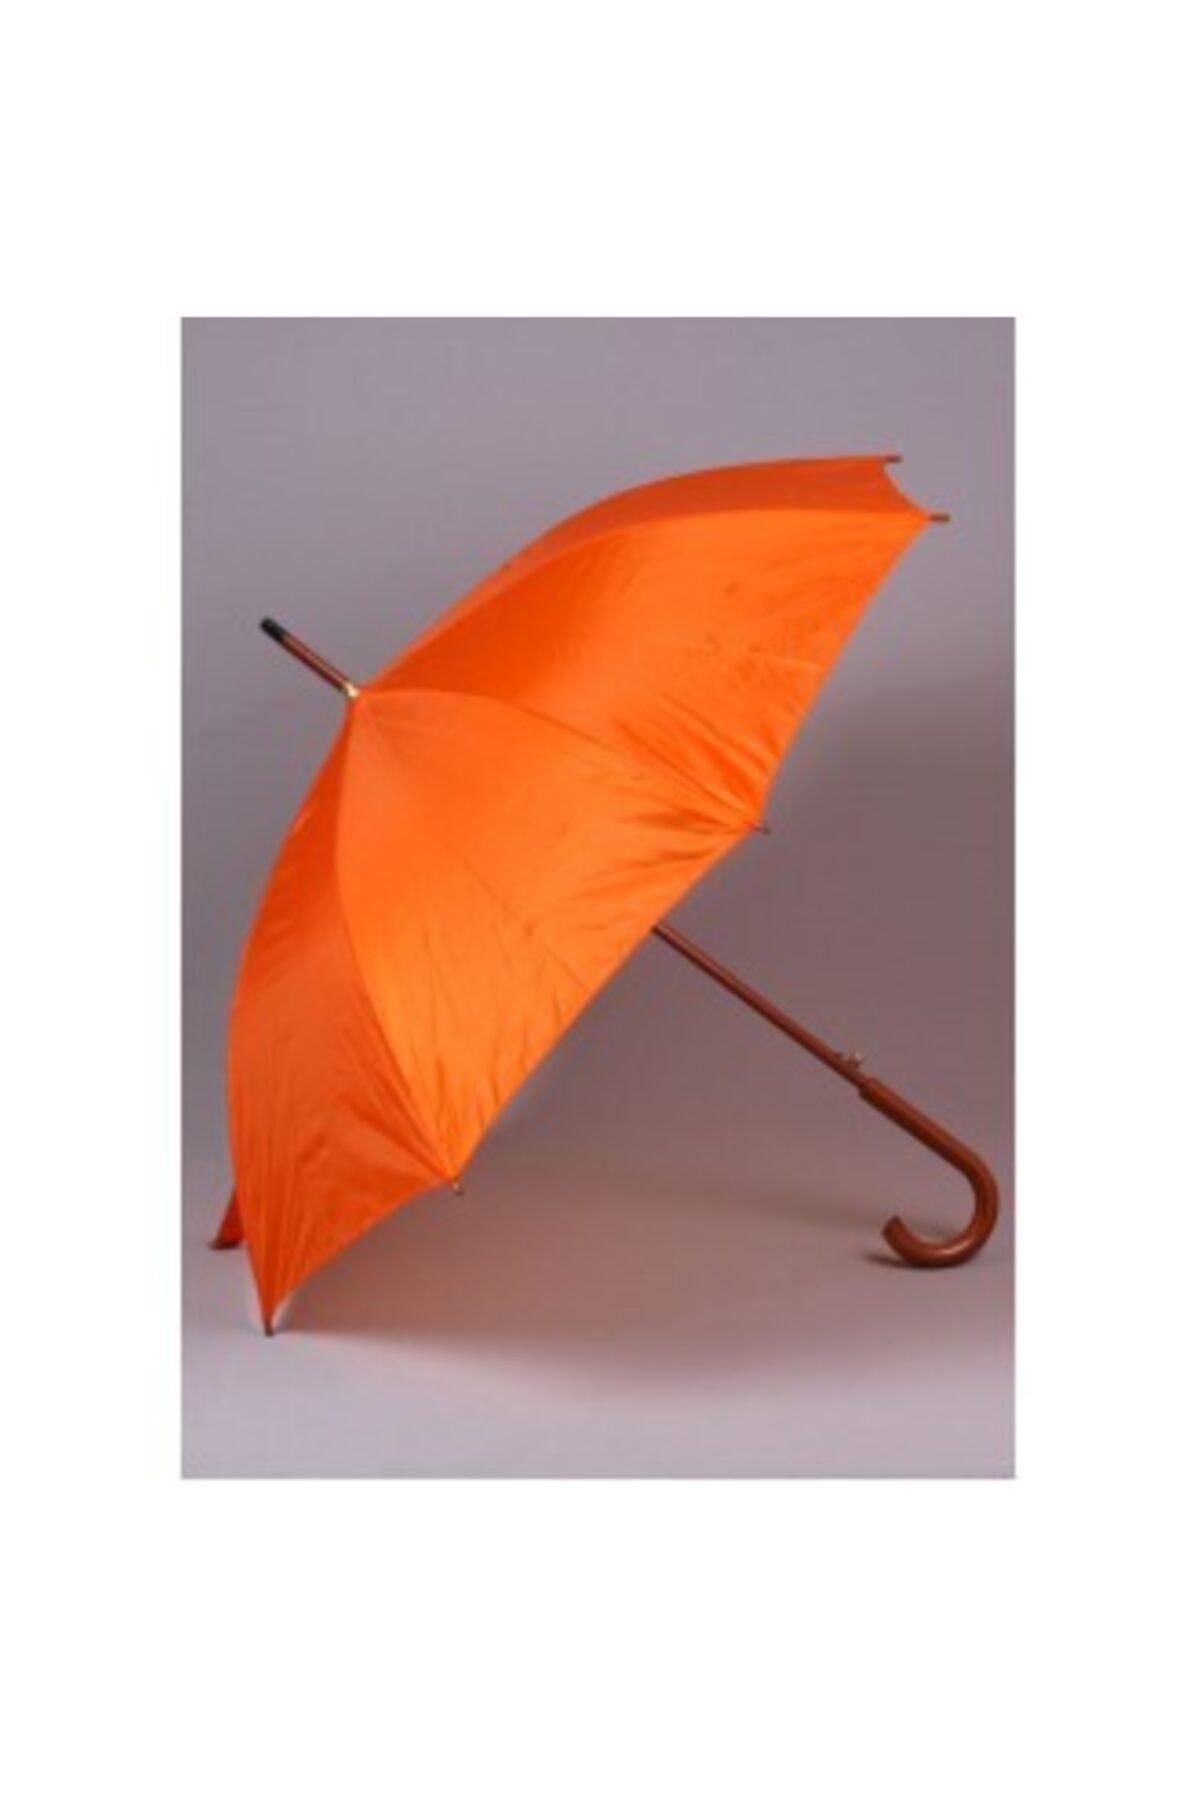 TREND Ahşap Saplı Fiber Glass Kırılmaz Şemsiye (turuncu) 1